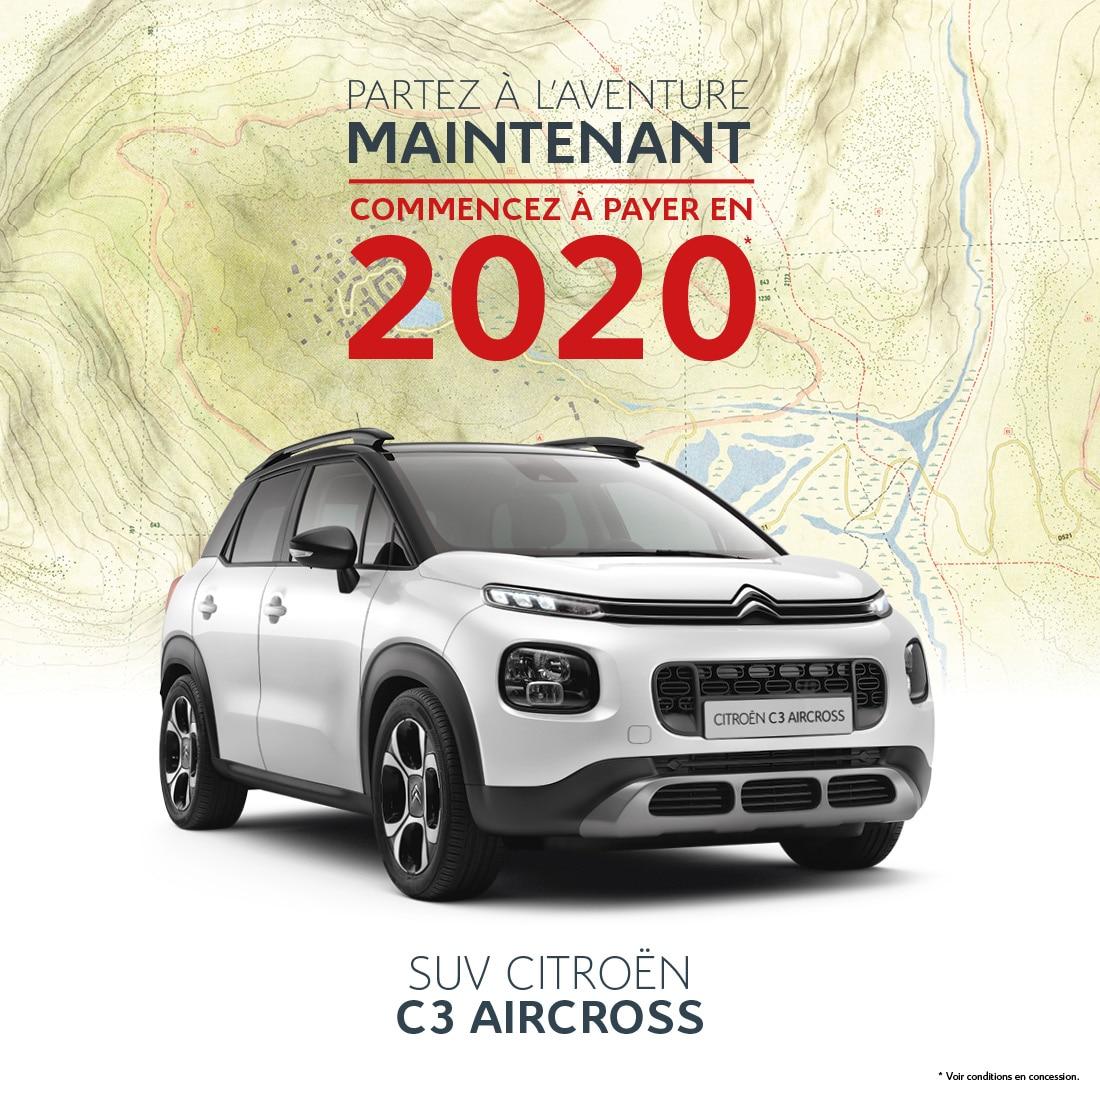 C3 AIRCROSS - achetez maintenant, commencez à payer en 2020 - Citroen Réunion